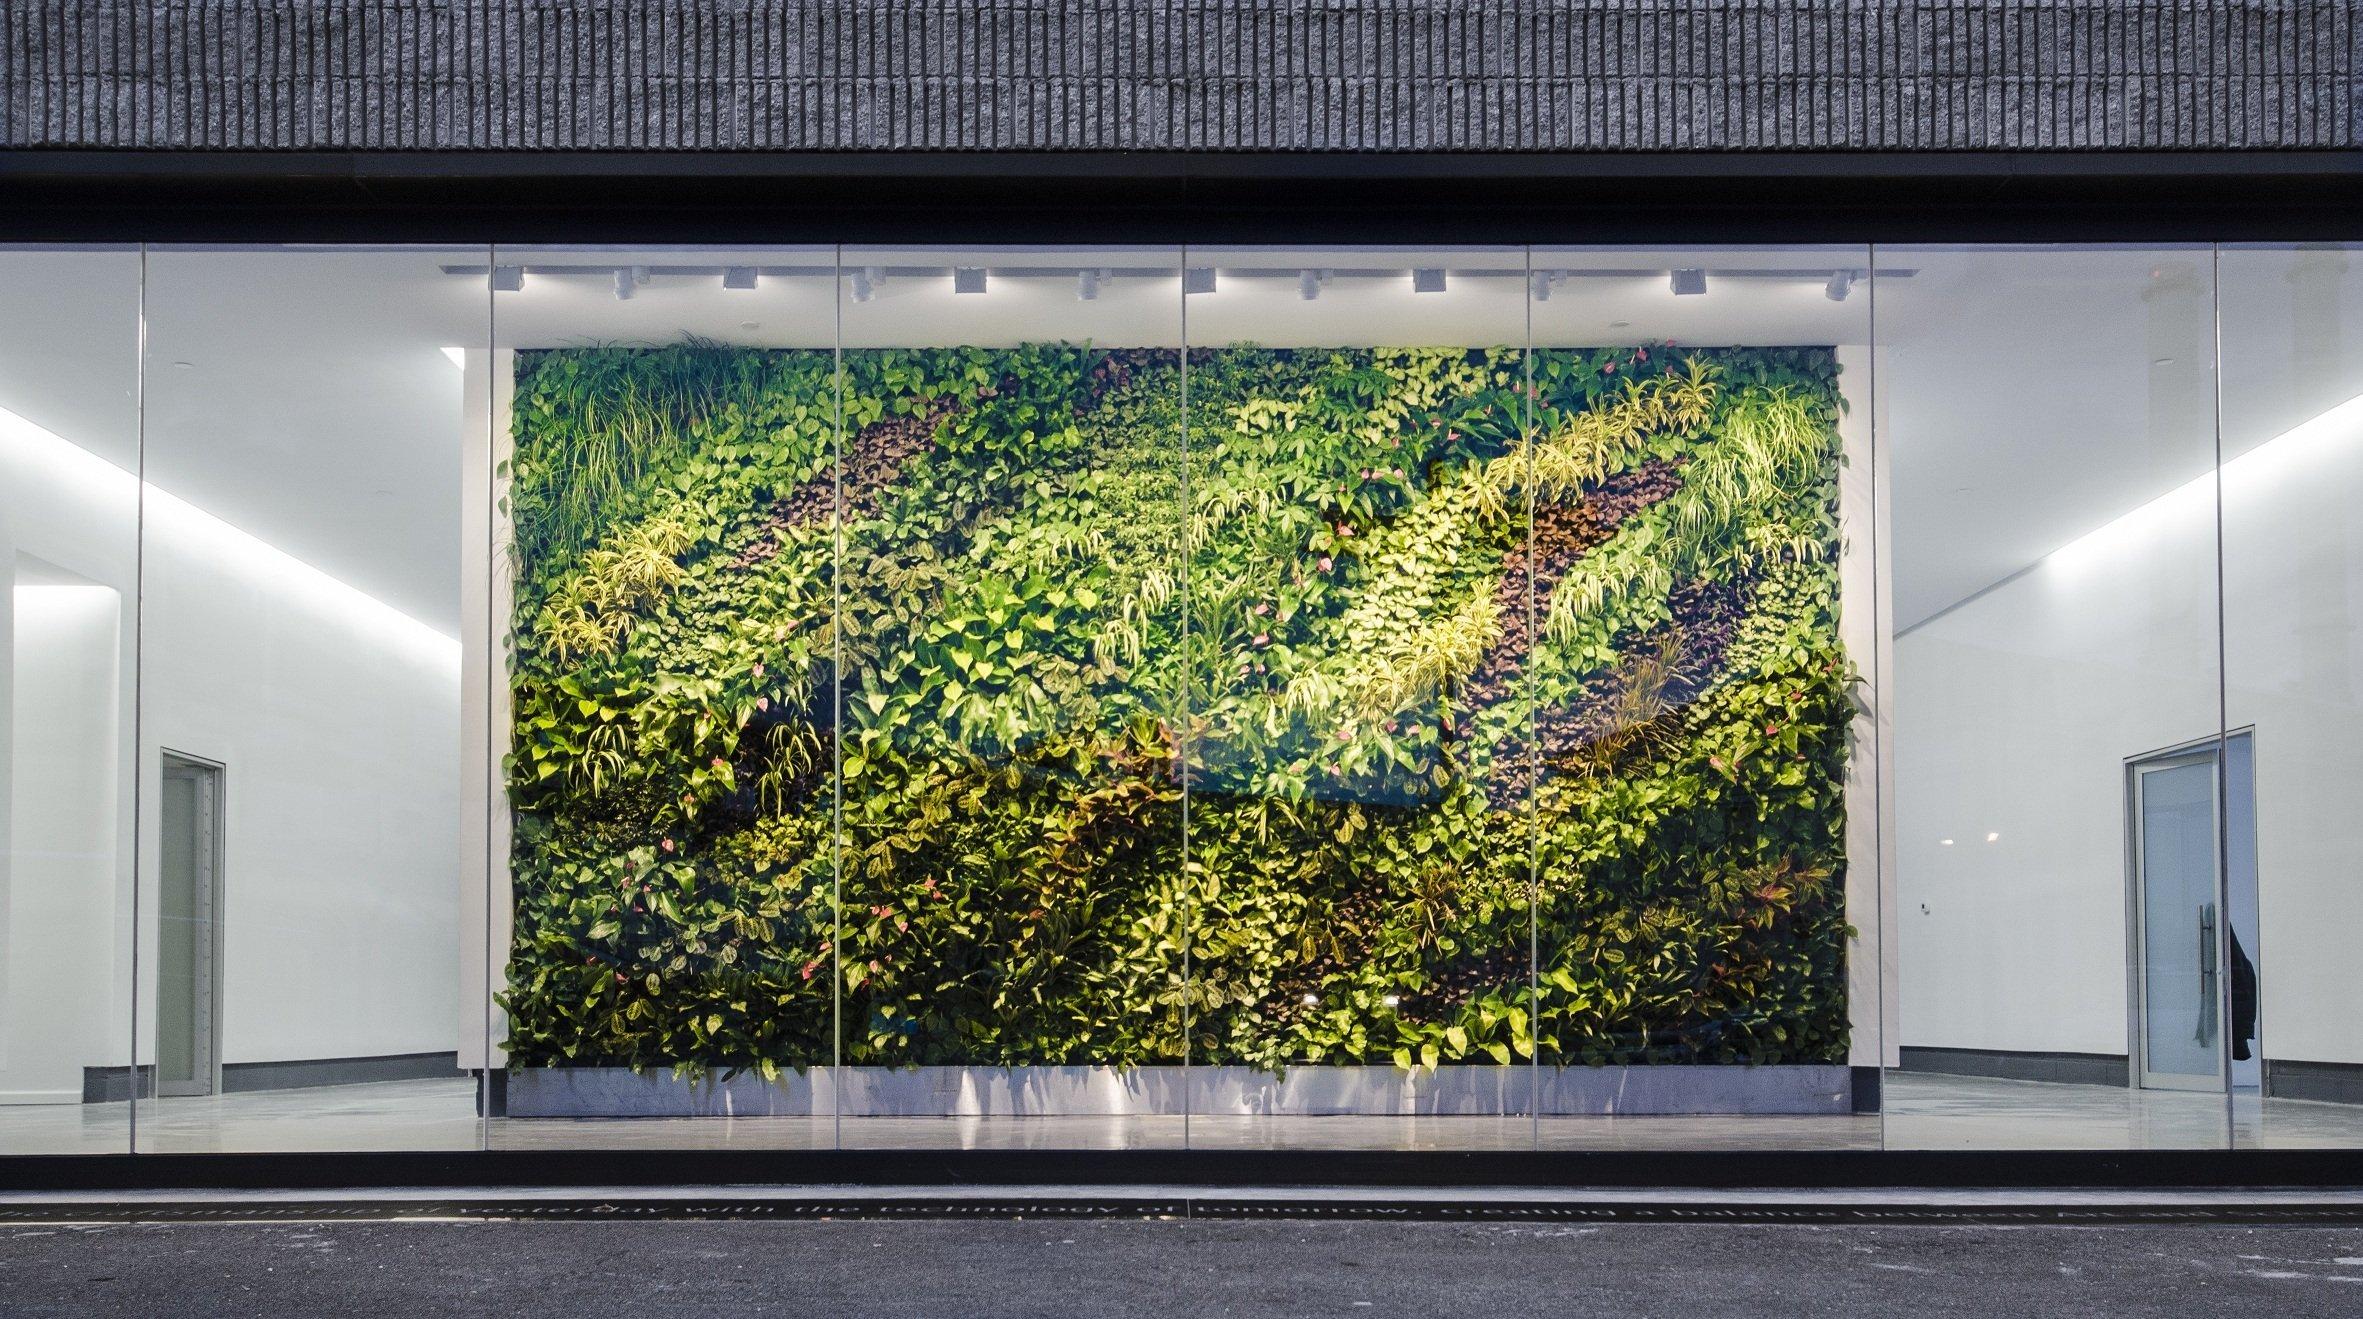 Instalace v New Yorku ohromuje kolemjdoucí svou krásou i velikostí.